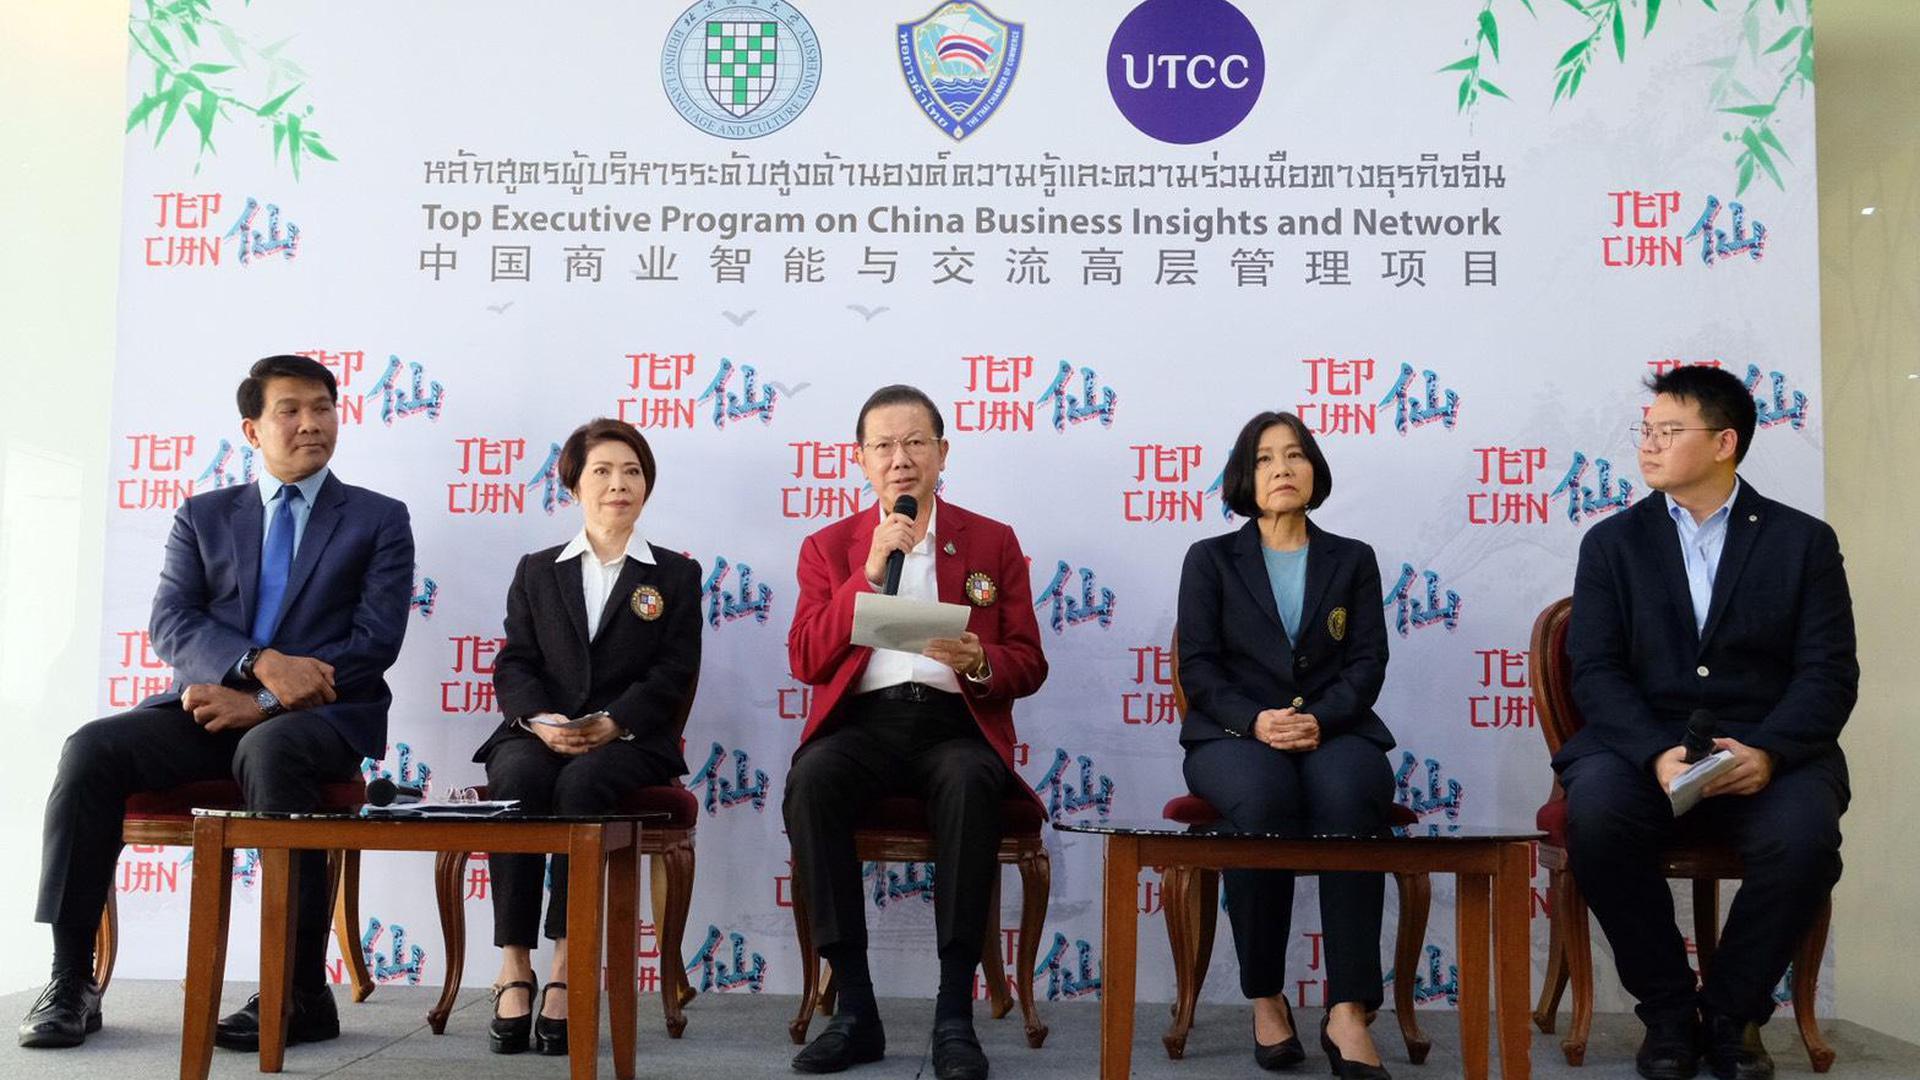 """ม.หอการค้าไทย เปิดหลักสูตรความร่วมมือทางธุรกิจจีน """"TEPCIAN"""" หนุนการค้าไทย-จีน"""